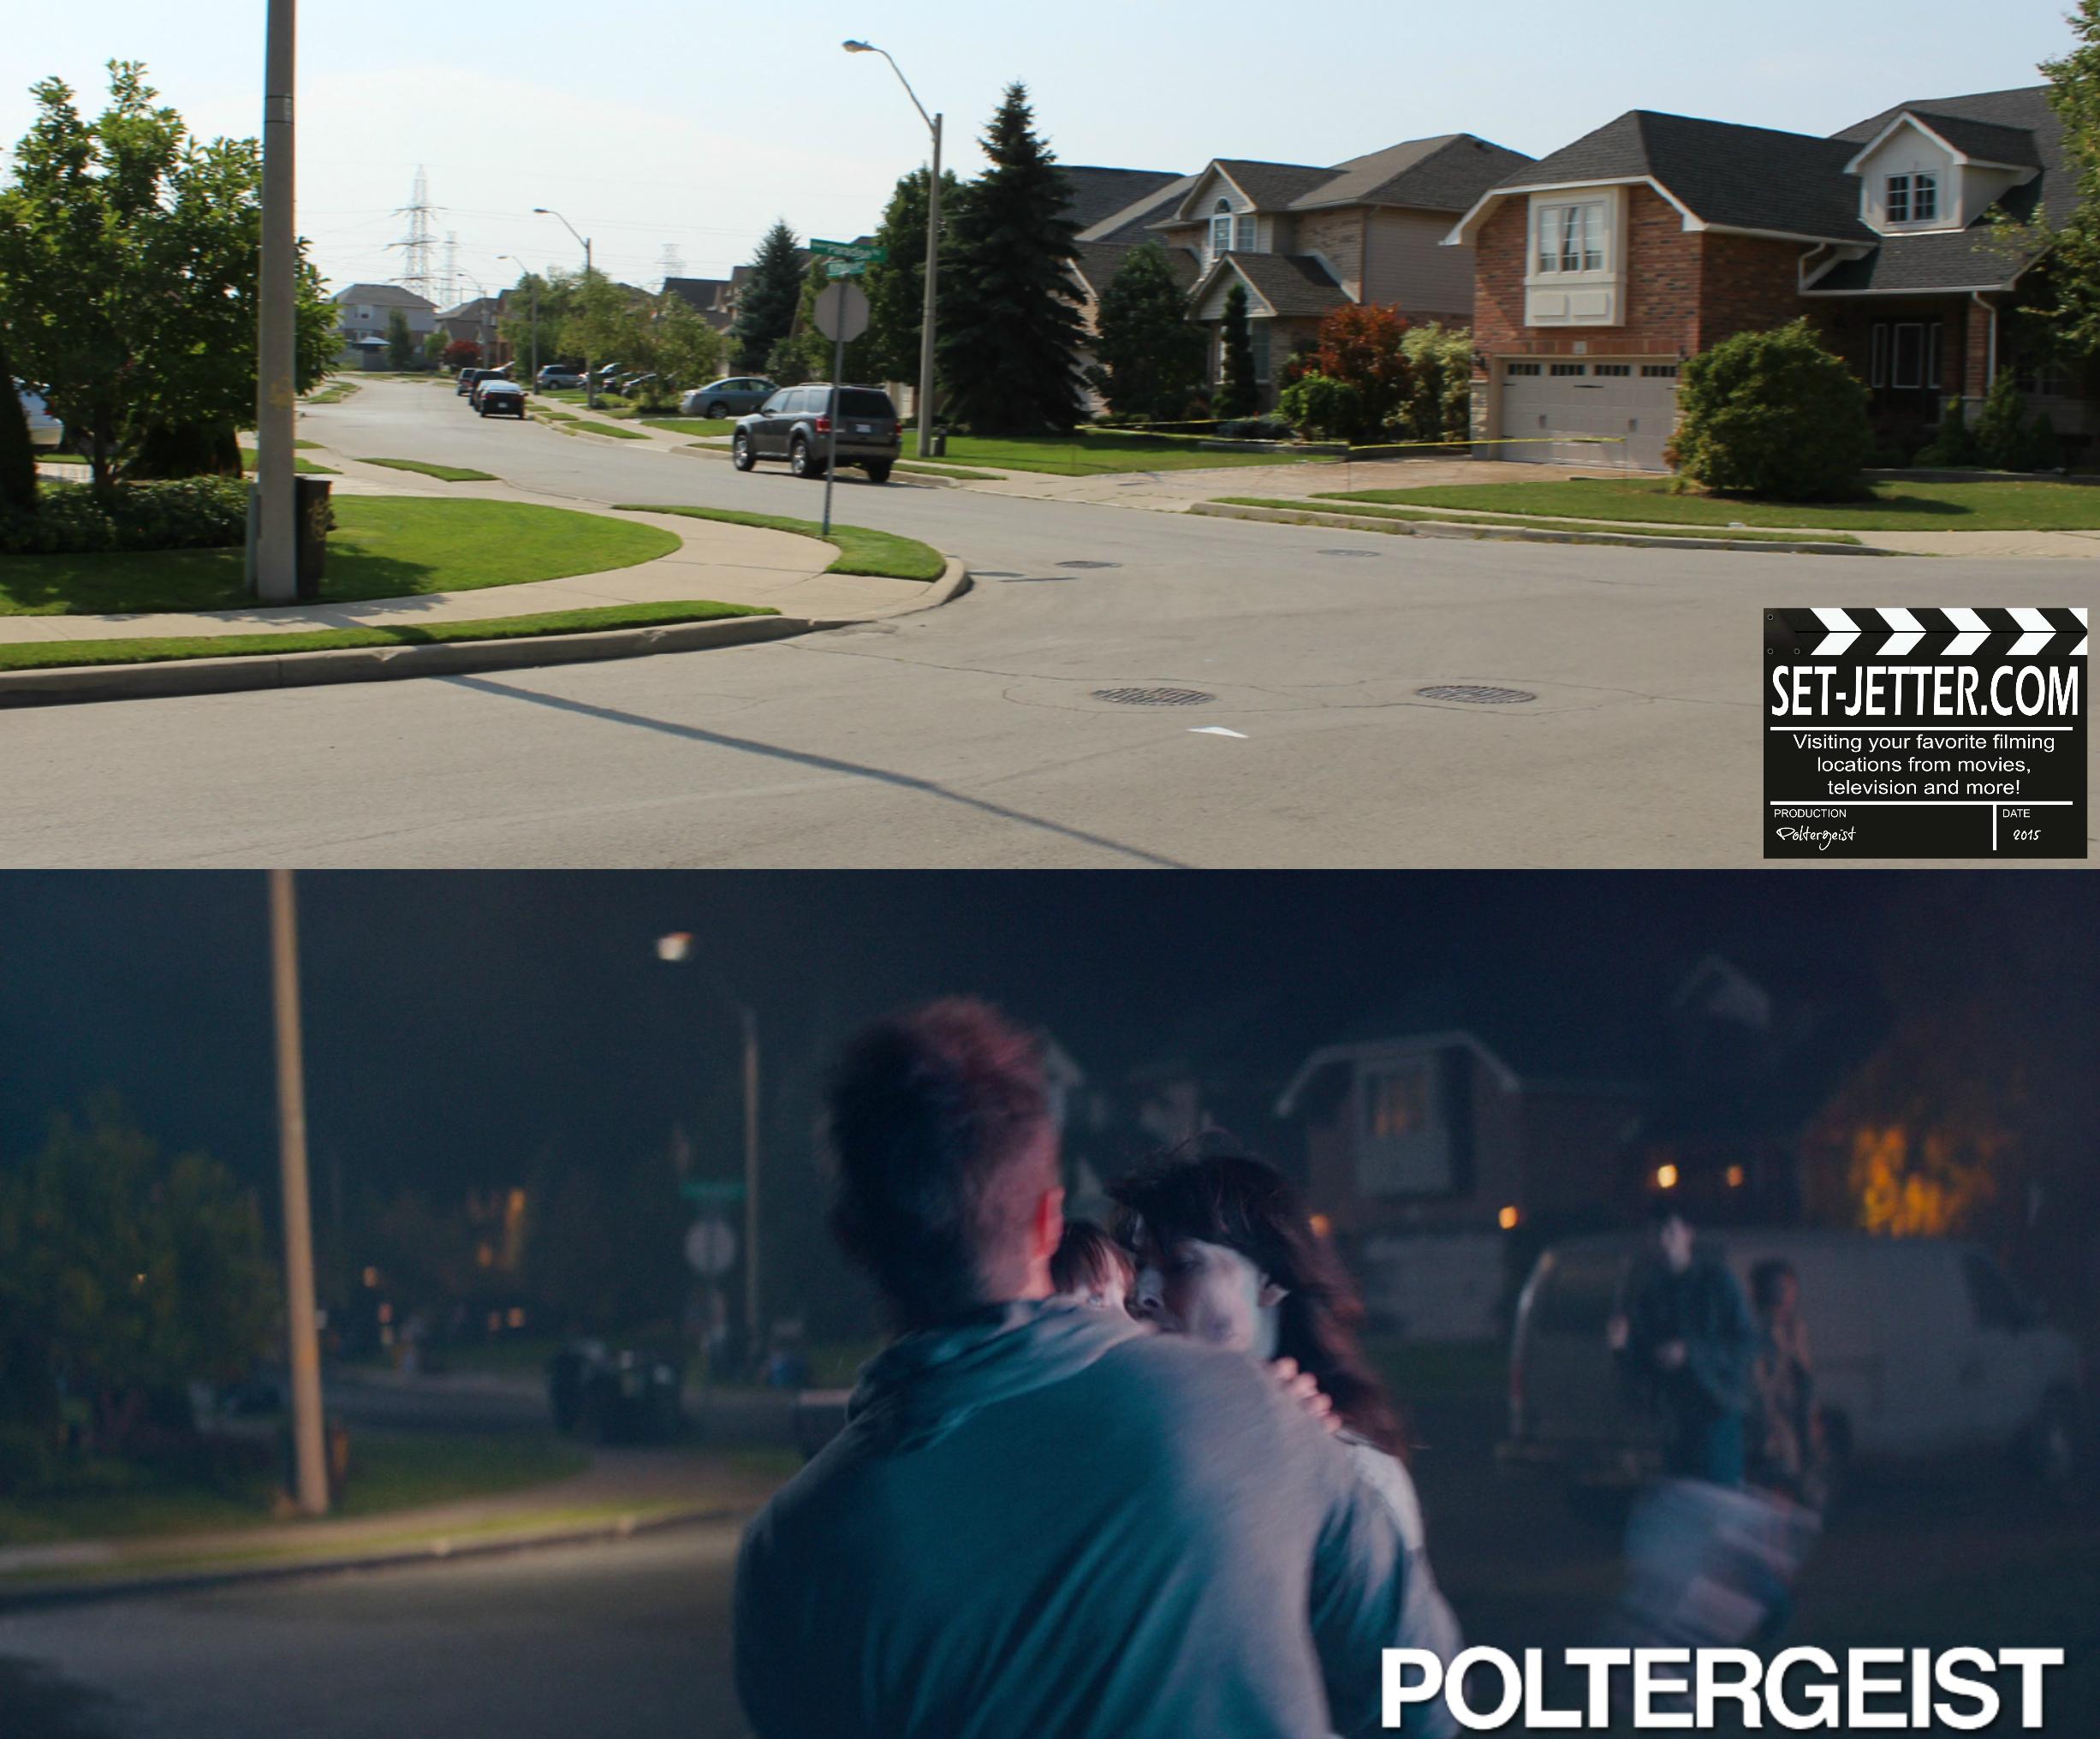 Poltergeist comparison 112.jpg